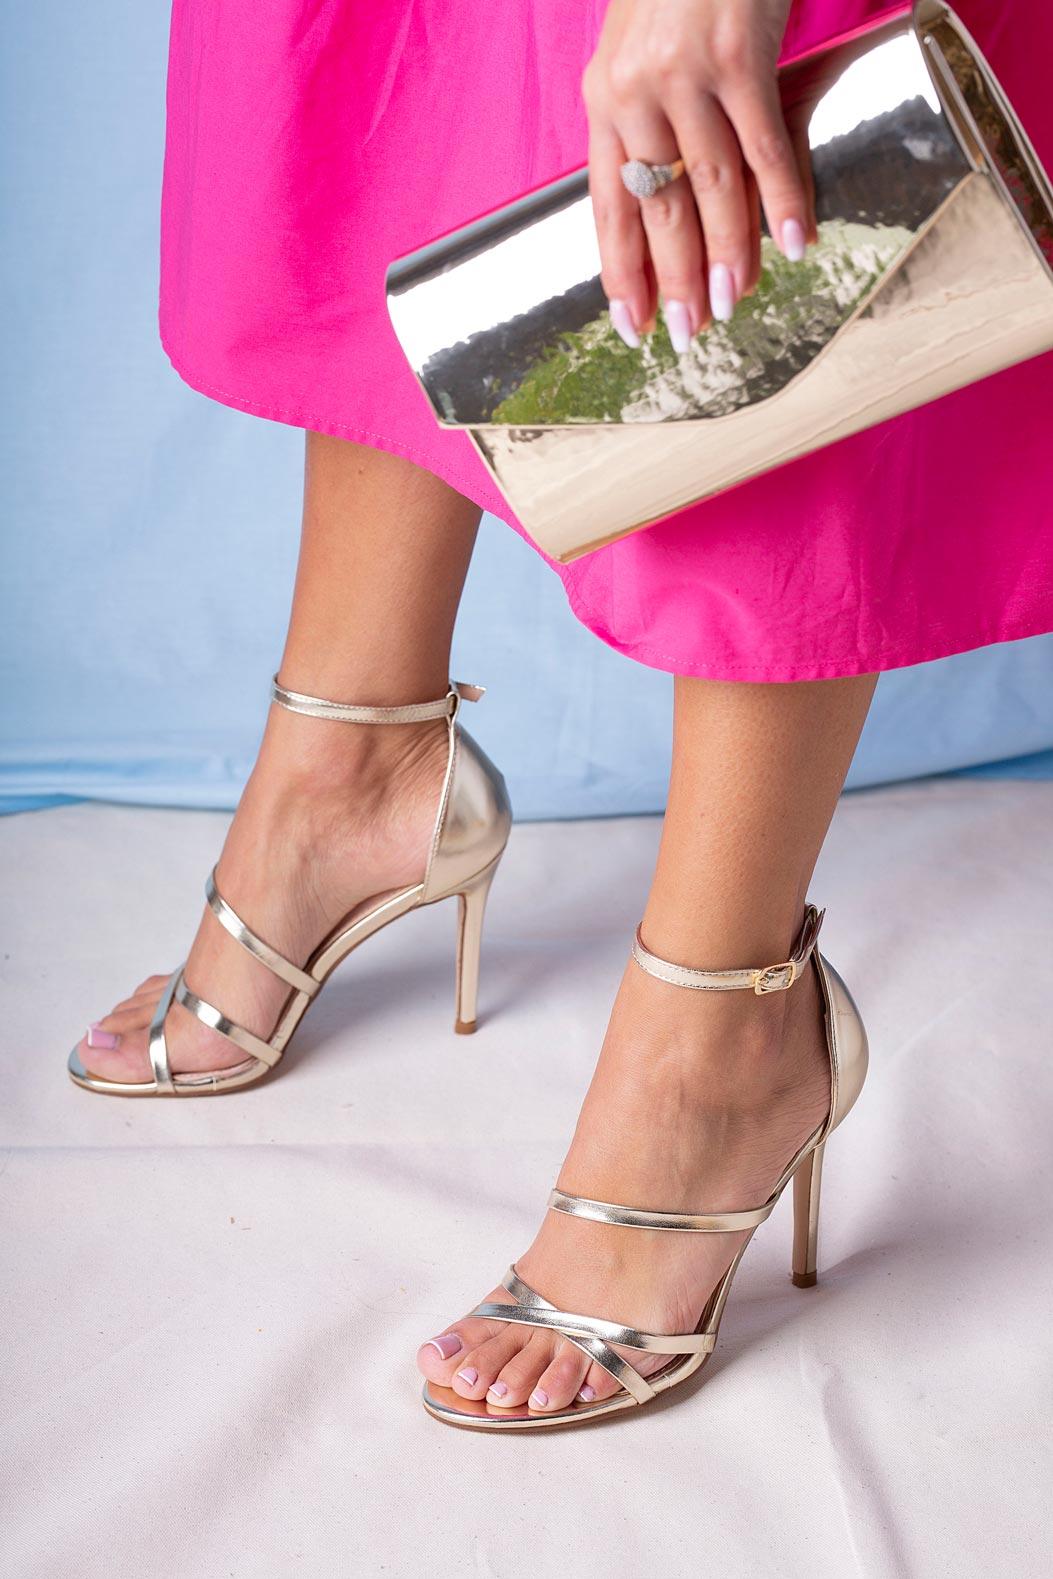 Złote sandały szpilki błyszczące z paskiem wokół kostki Casu D20X13/G złoty